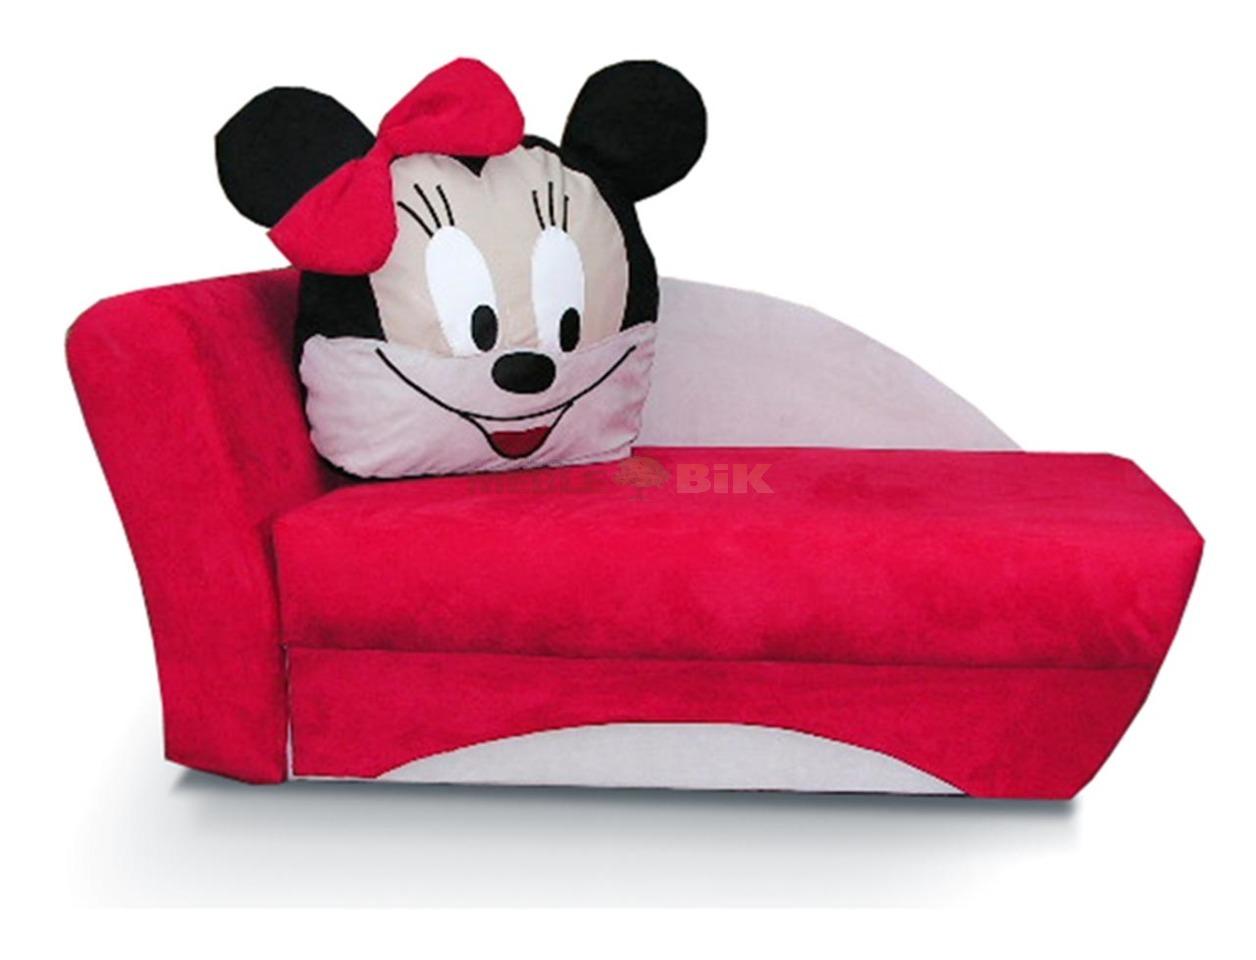 Tapczanik Dla Dziecka Rozkładany Poduszka Miki Ares Sklep